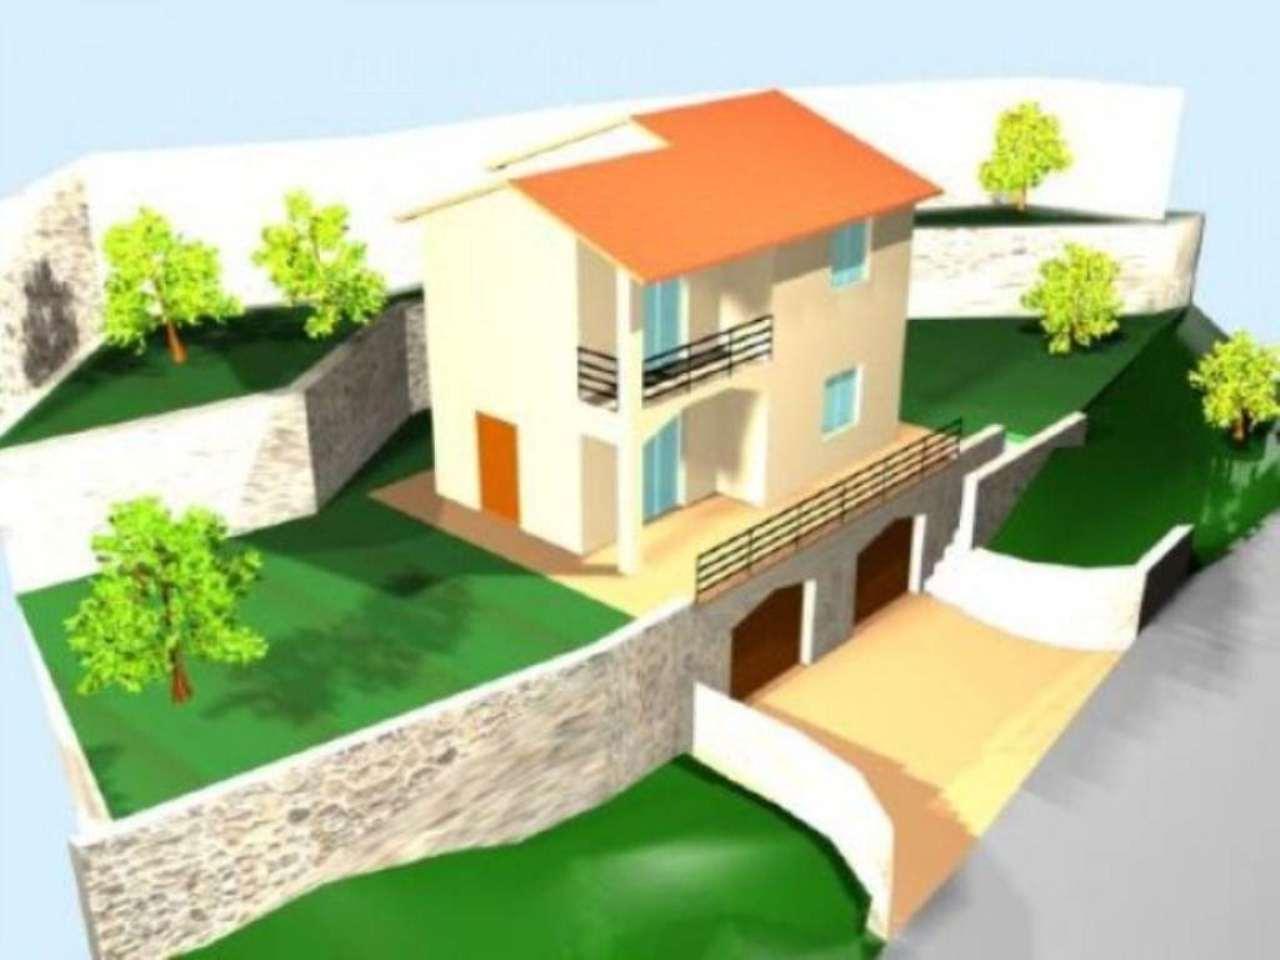 Villa in vendita a San Colombano Certenoli, 5 locali, prezzo € 245.000 | Cambio Casa.it